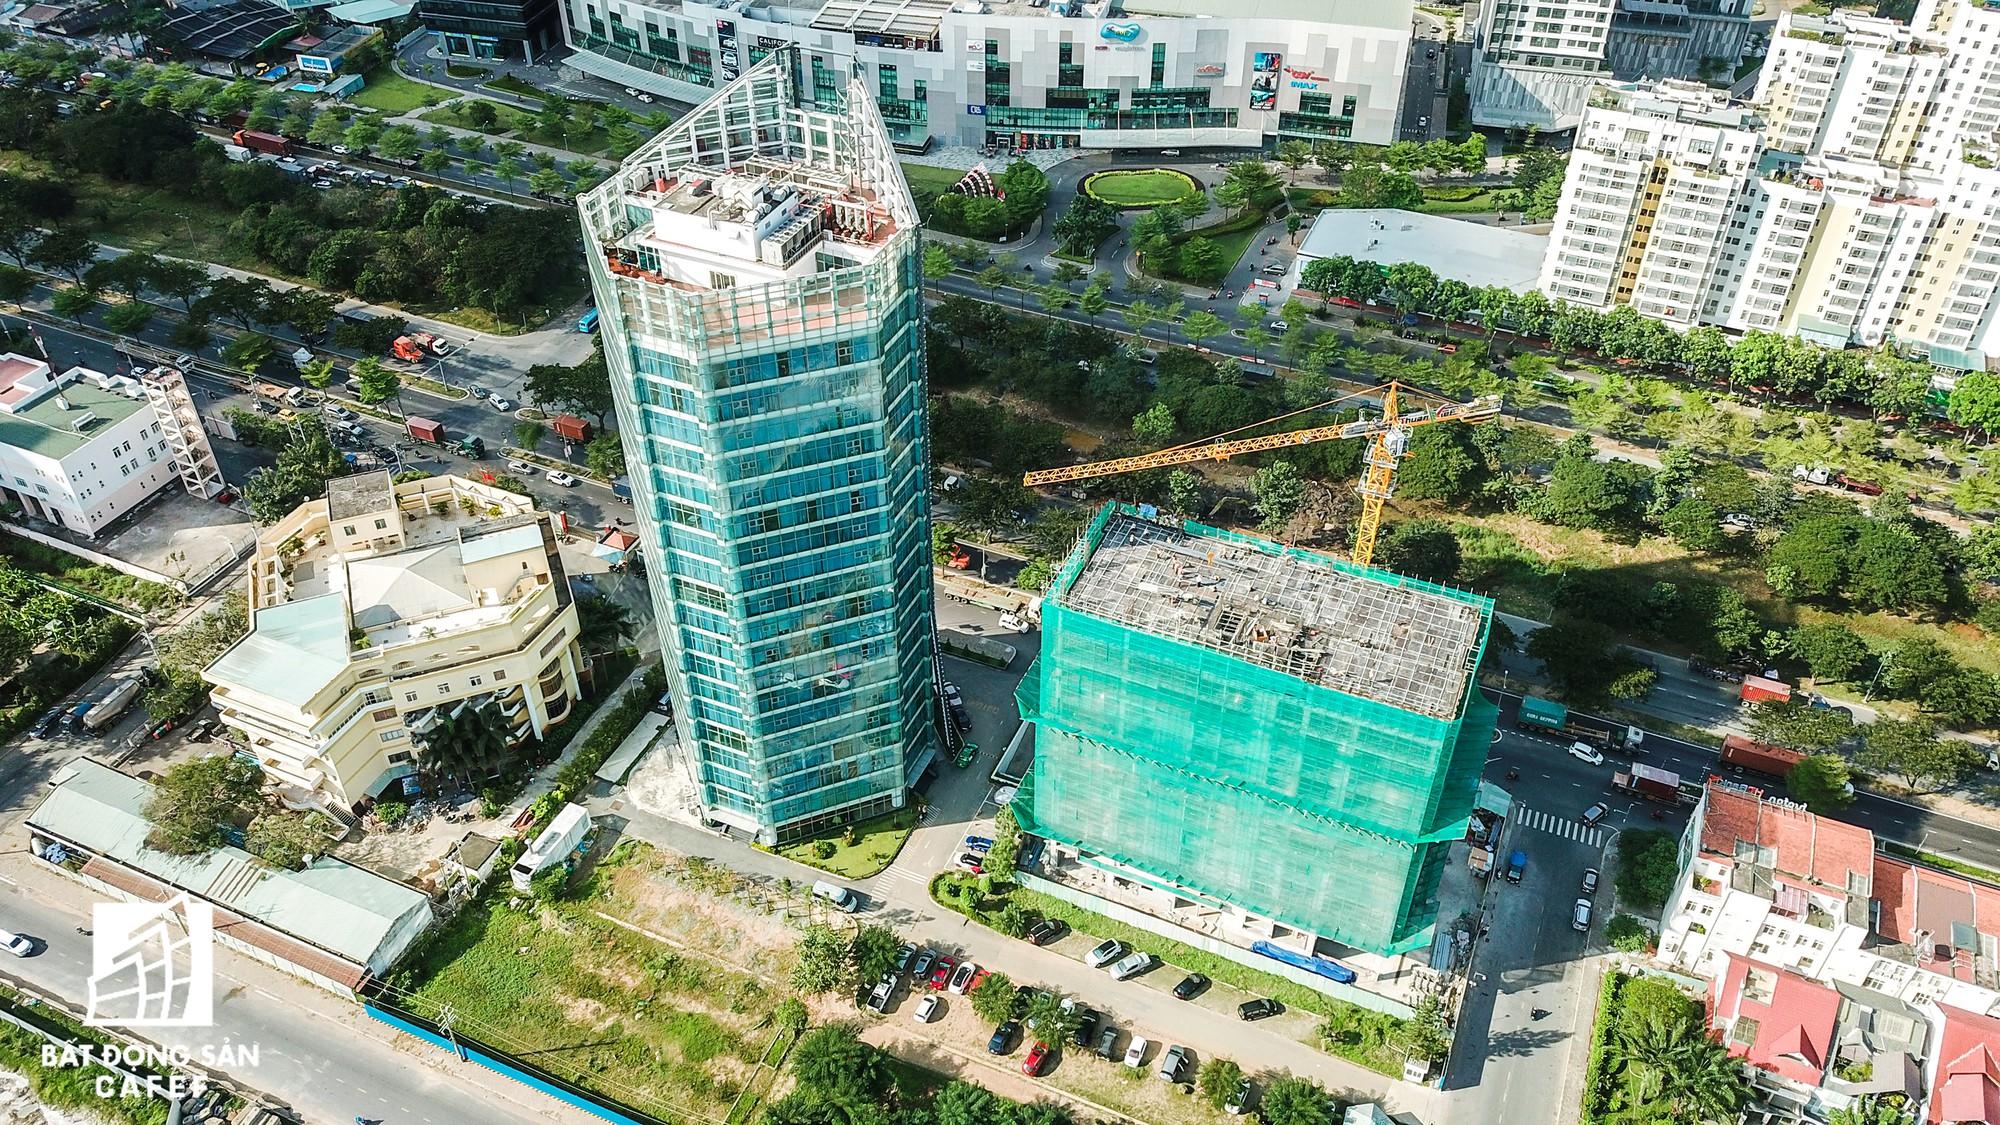 Toàn cảnh đại lộ tỷ đô đã tạo nên một thị trường bất động sản rất riêng cho khu Nam Sài Gòn - Ảnh 11. Toàn cảnh đại lộ tỷ đô đã tạo nên một thị trường bất động sản rất riêng cho khu Nam Sài Gòn Toàn cảnh đại lộ tỷ đô đã tạo nên một thị trường bất động sản rất riêng cho khu Nam Sài Gòn hinh 10 15672200263281323217852